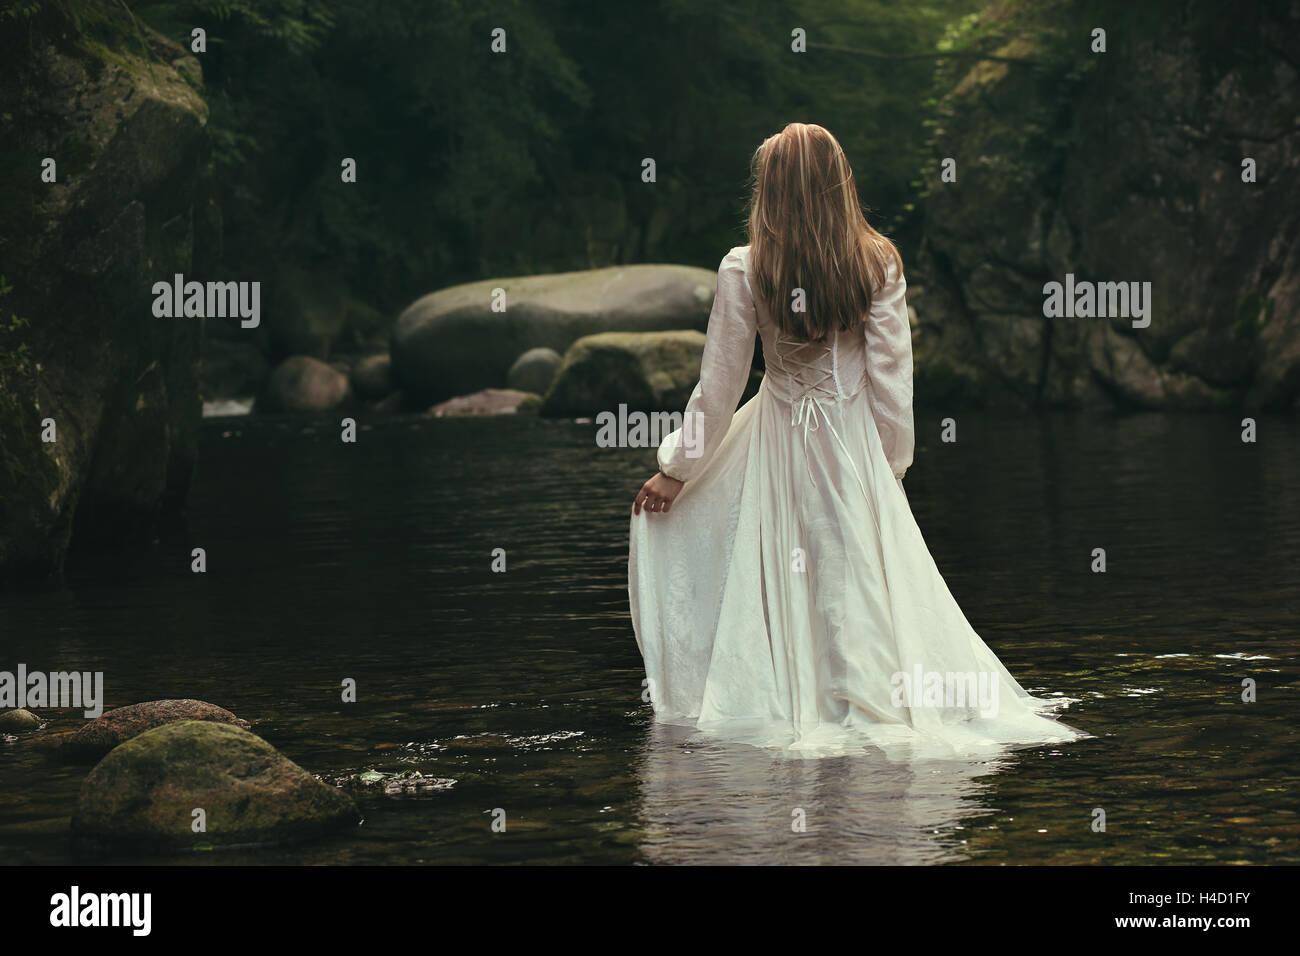 Femme romantique entre dans un cours d'eau verte. Rêveuse et éthérée Photo Stock